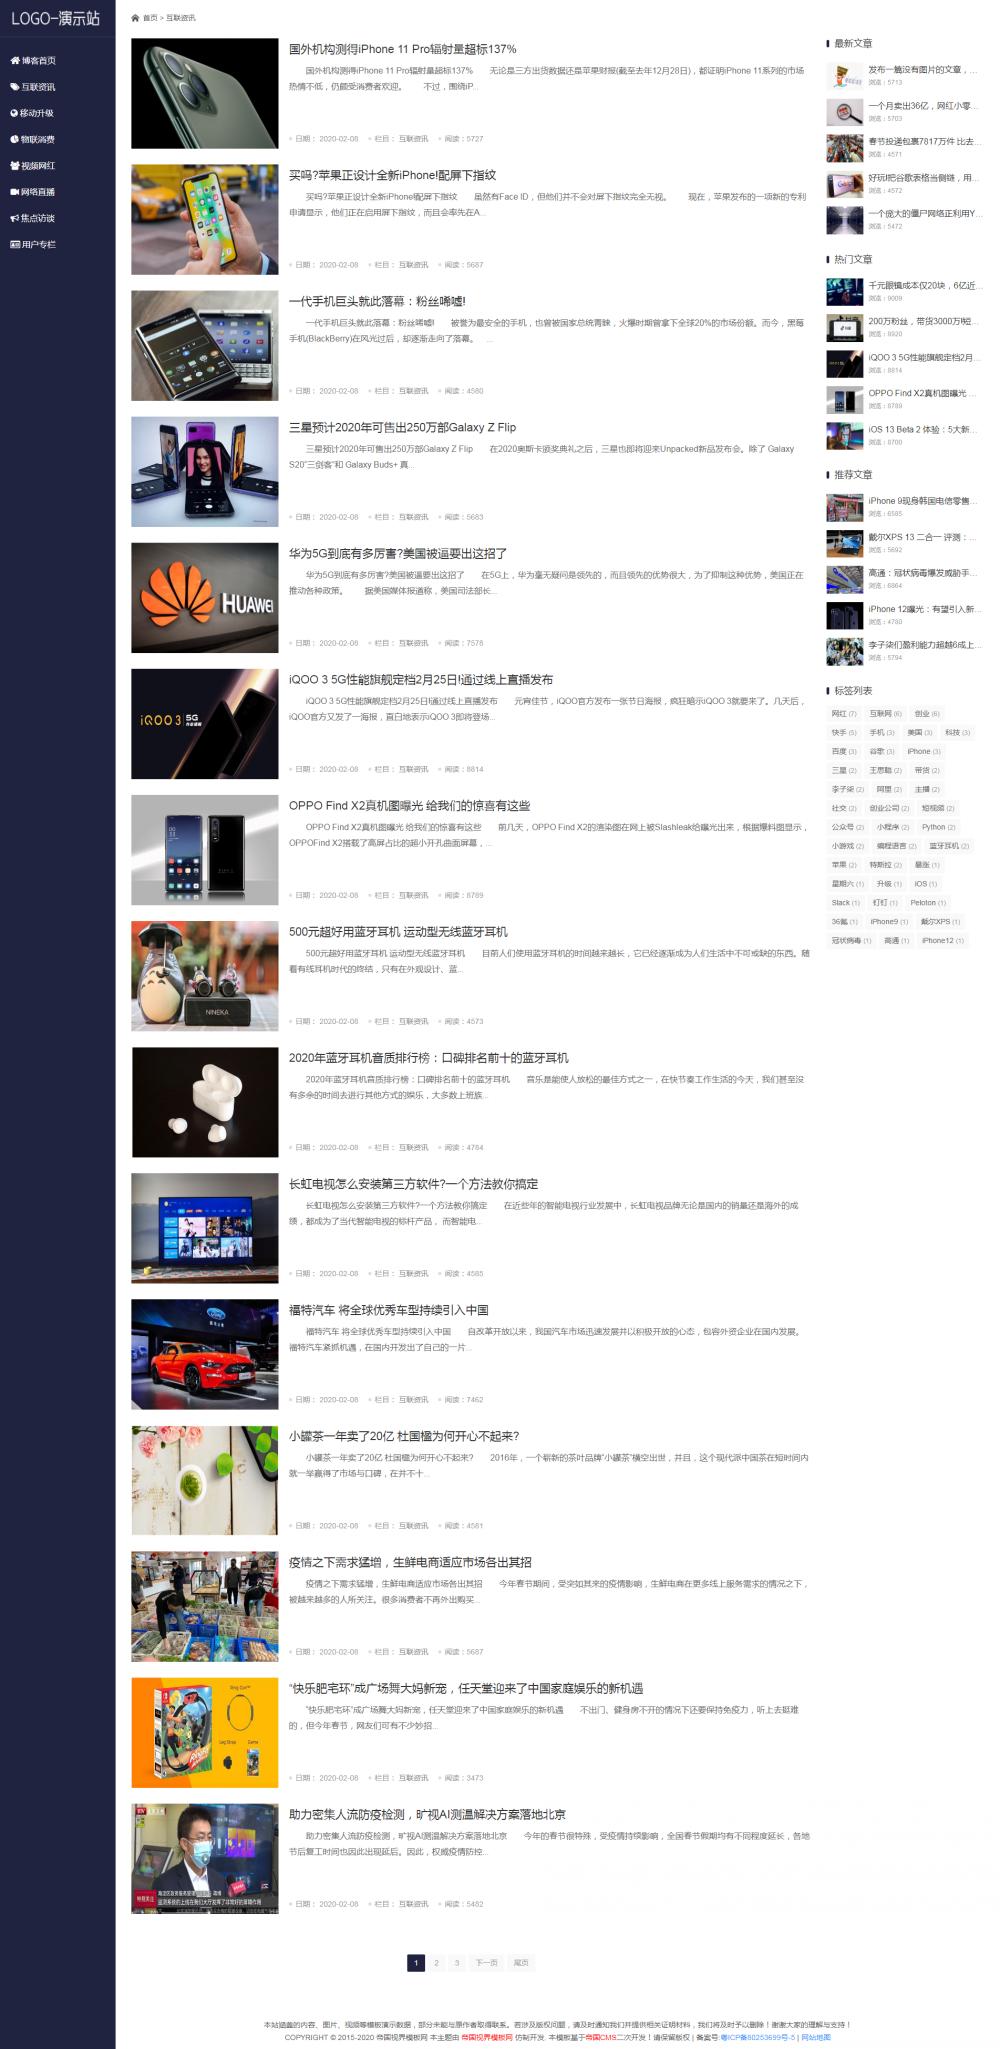 [DG-097]帝国CMS自适应博客模板,响应式个人博客文章资讯模板 [DG-097]帝国CMS自适应博客模板,响应式个人博客文章资讯模板 博客文章 第2张